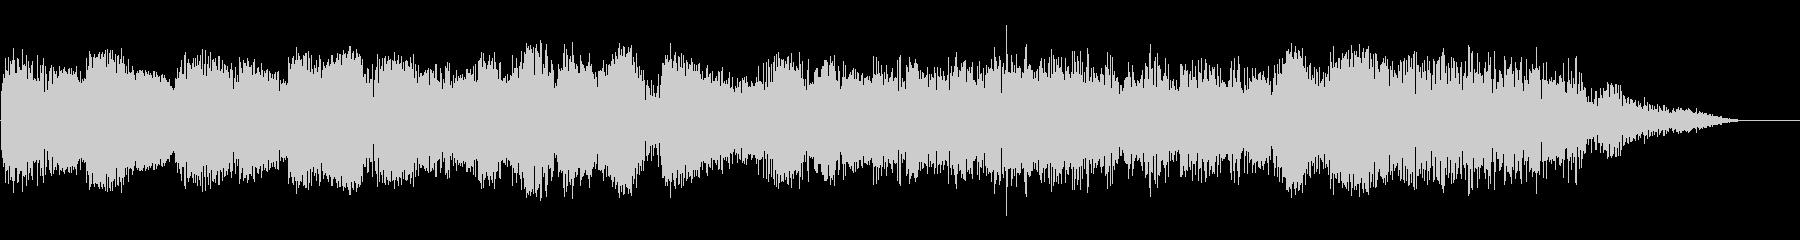 ゴーーッ(異空間ノイズ、飛行機の音)の未再生の波形